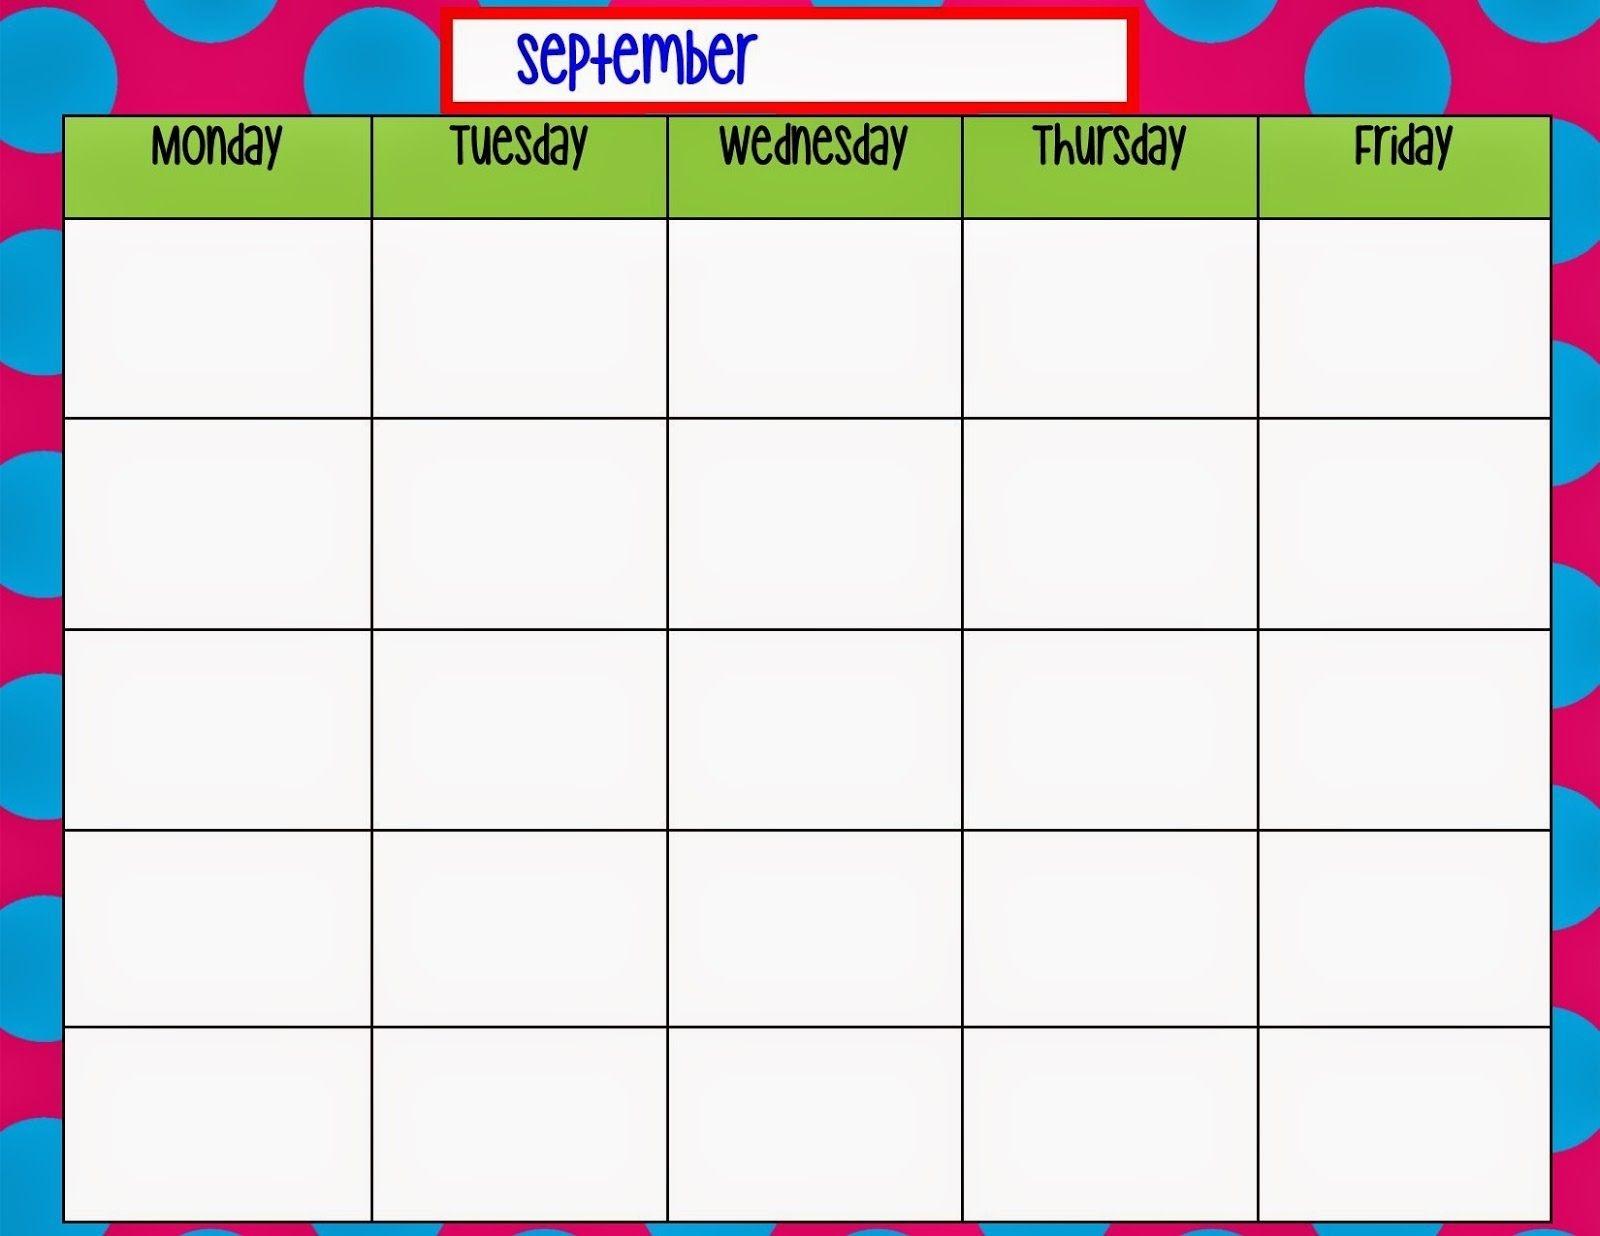 Monday Through Friday Calendar Template | Preschool | Weekly  Calendar Monday Through Friday Schedule